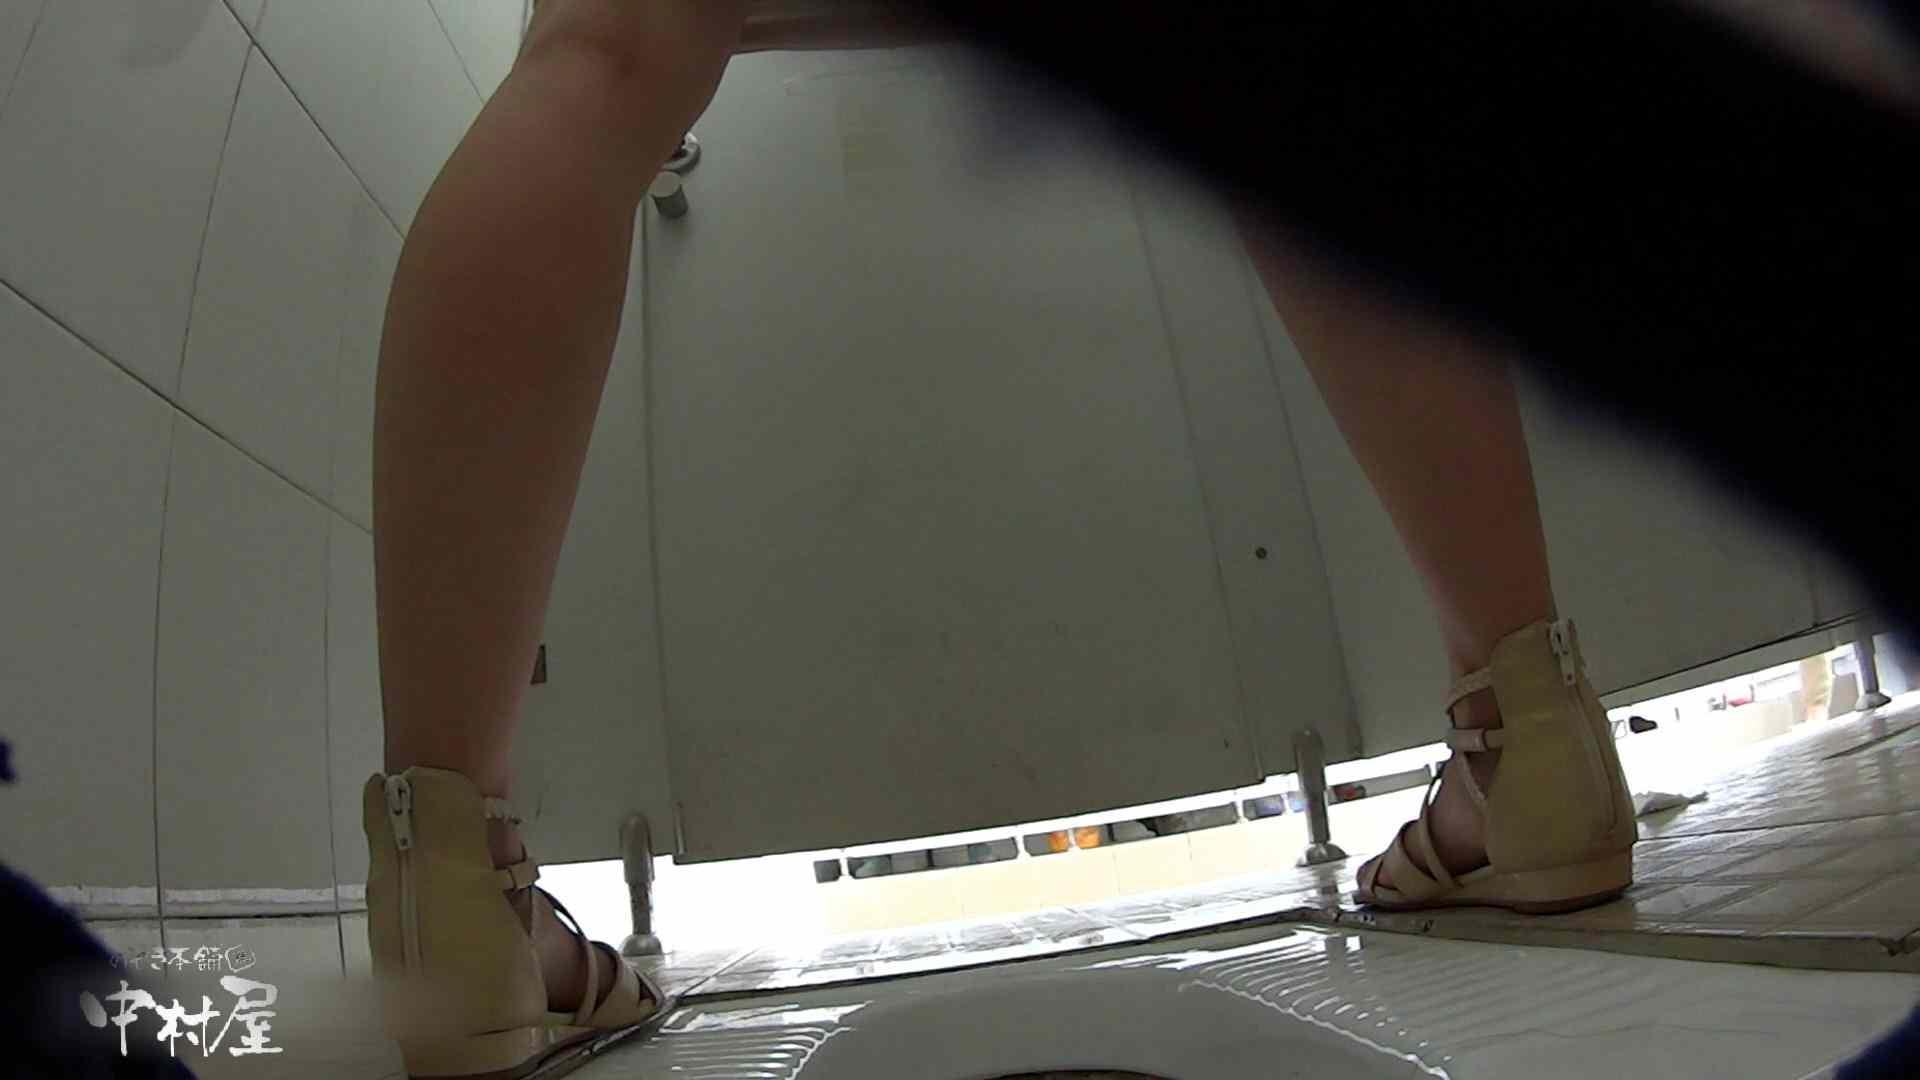 高画質フルハイビジョン眼鏡女子が多数出演!有名大学休憩時間の洗面所事情08 洗面所突入 ヌード画像 86pic 62